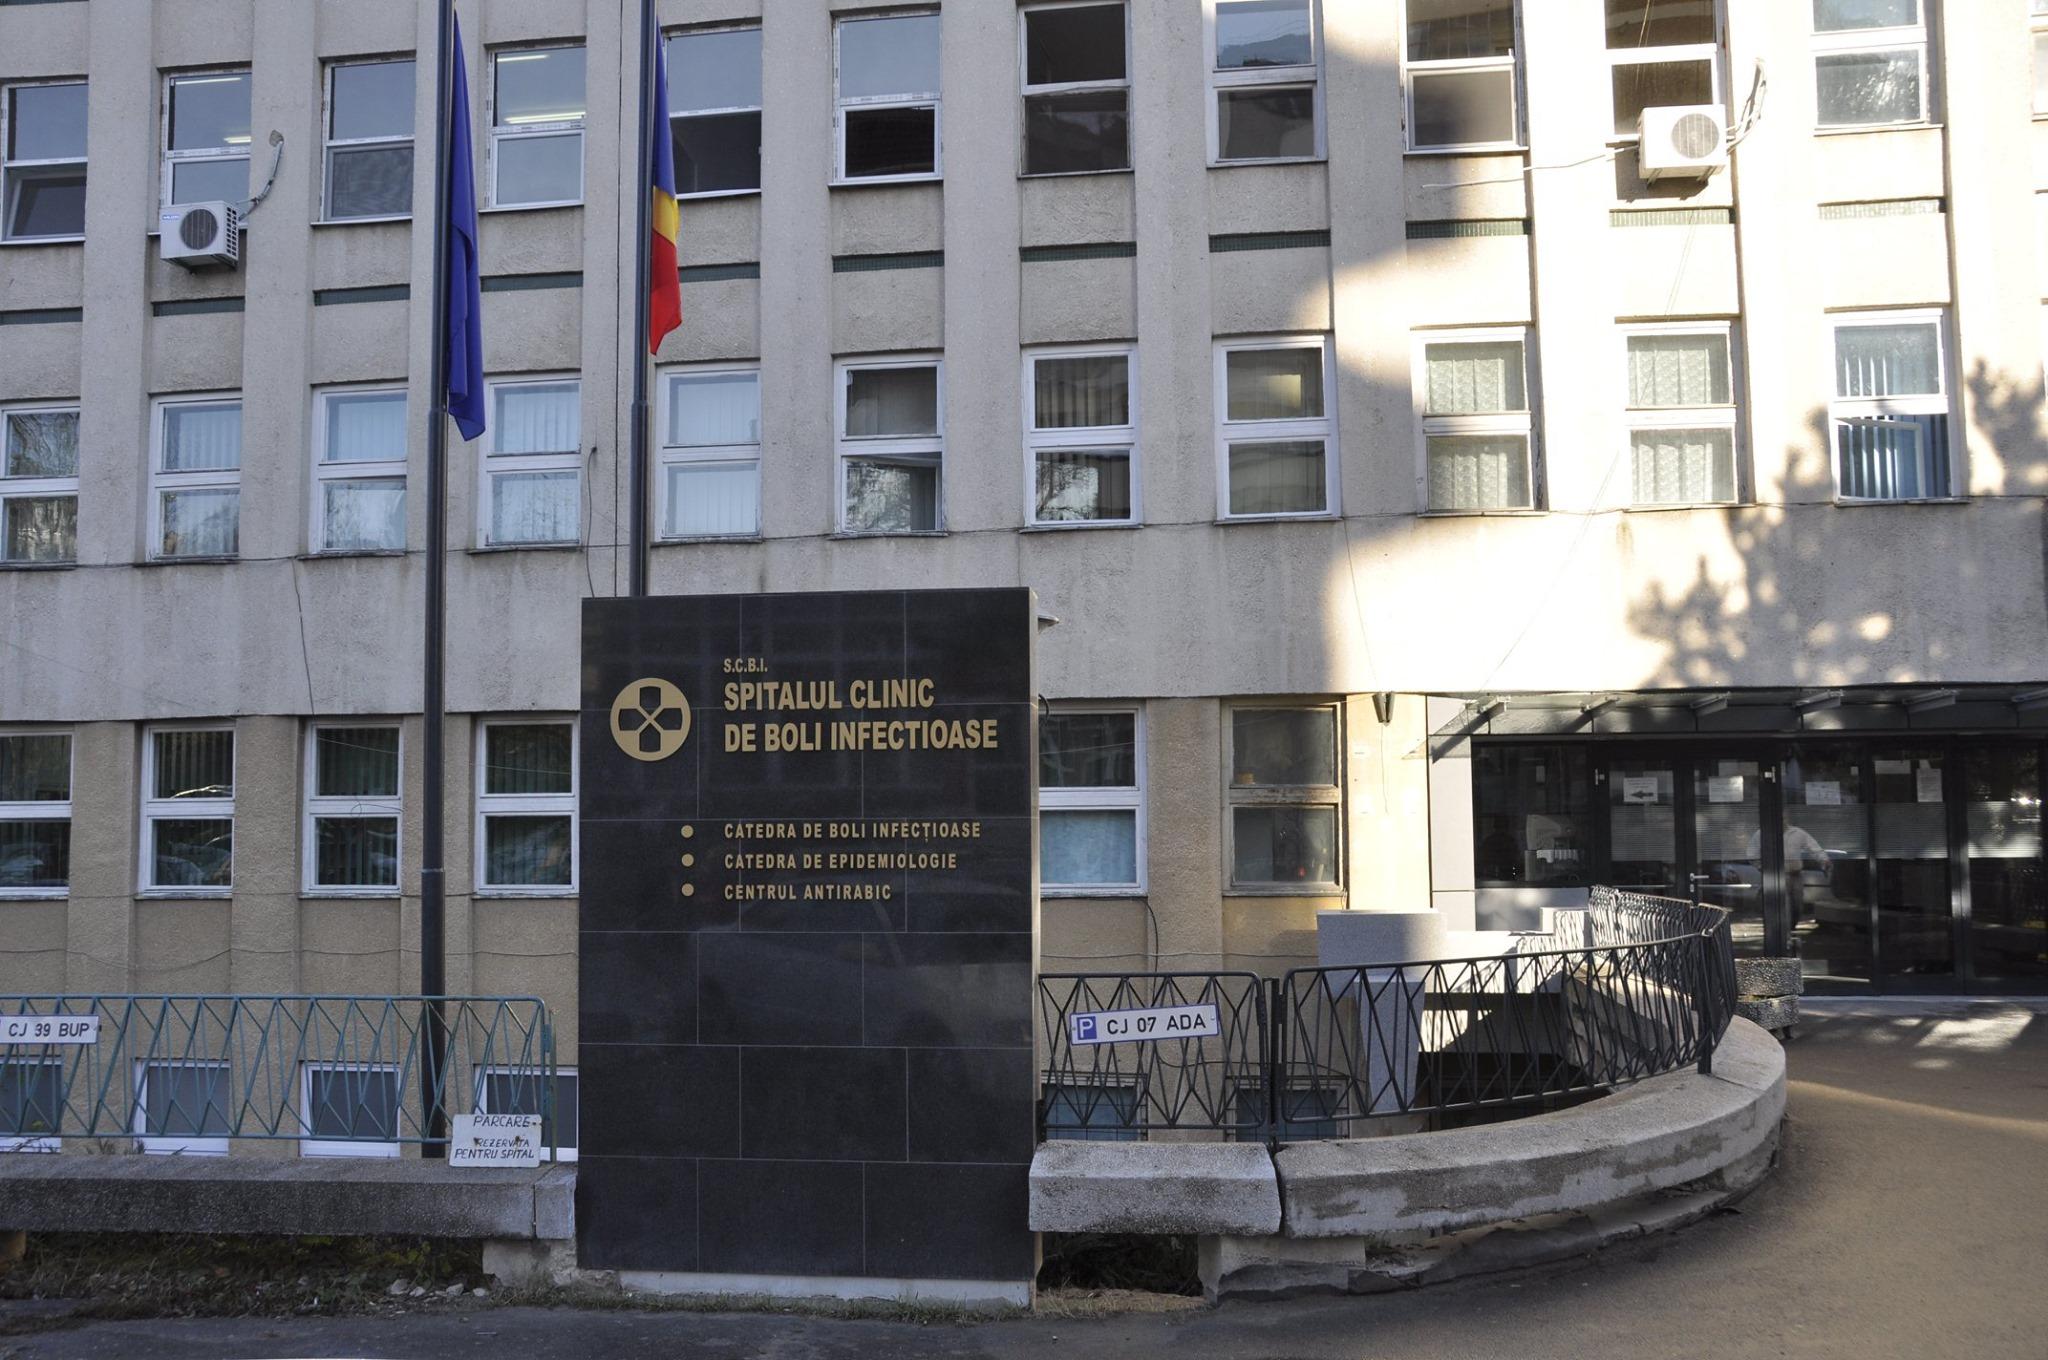 Bărbat din Covasna, suspect de coronavirus, adus la Cluj pentru verificări